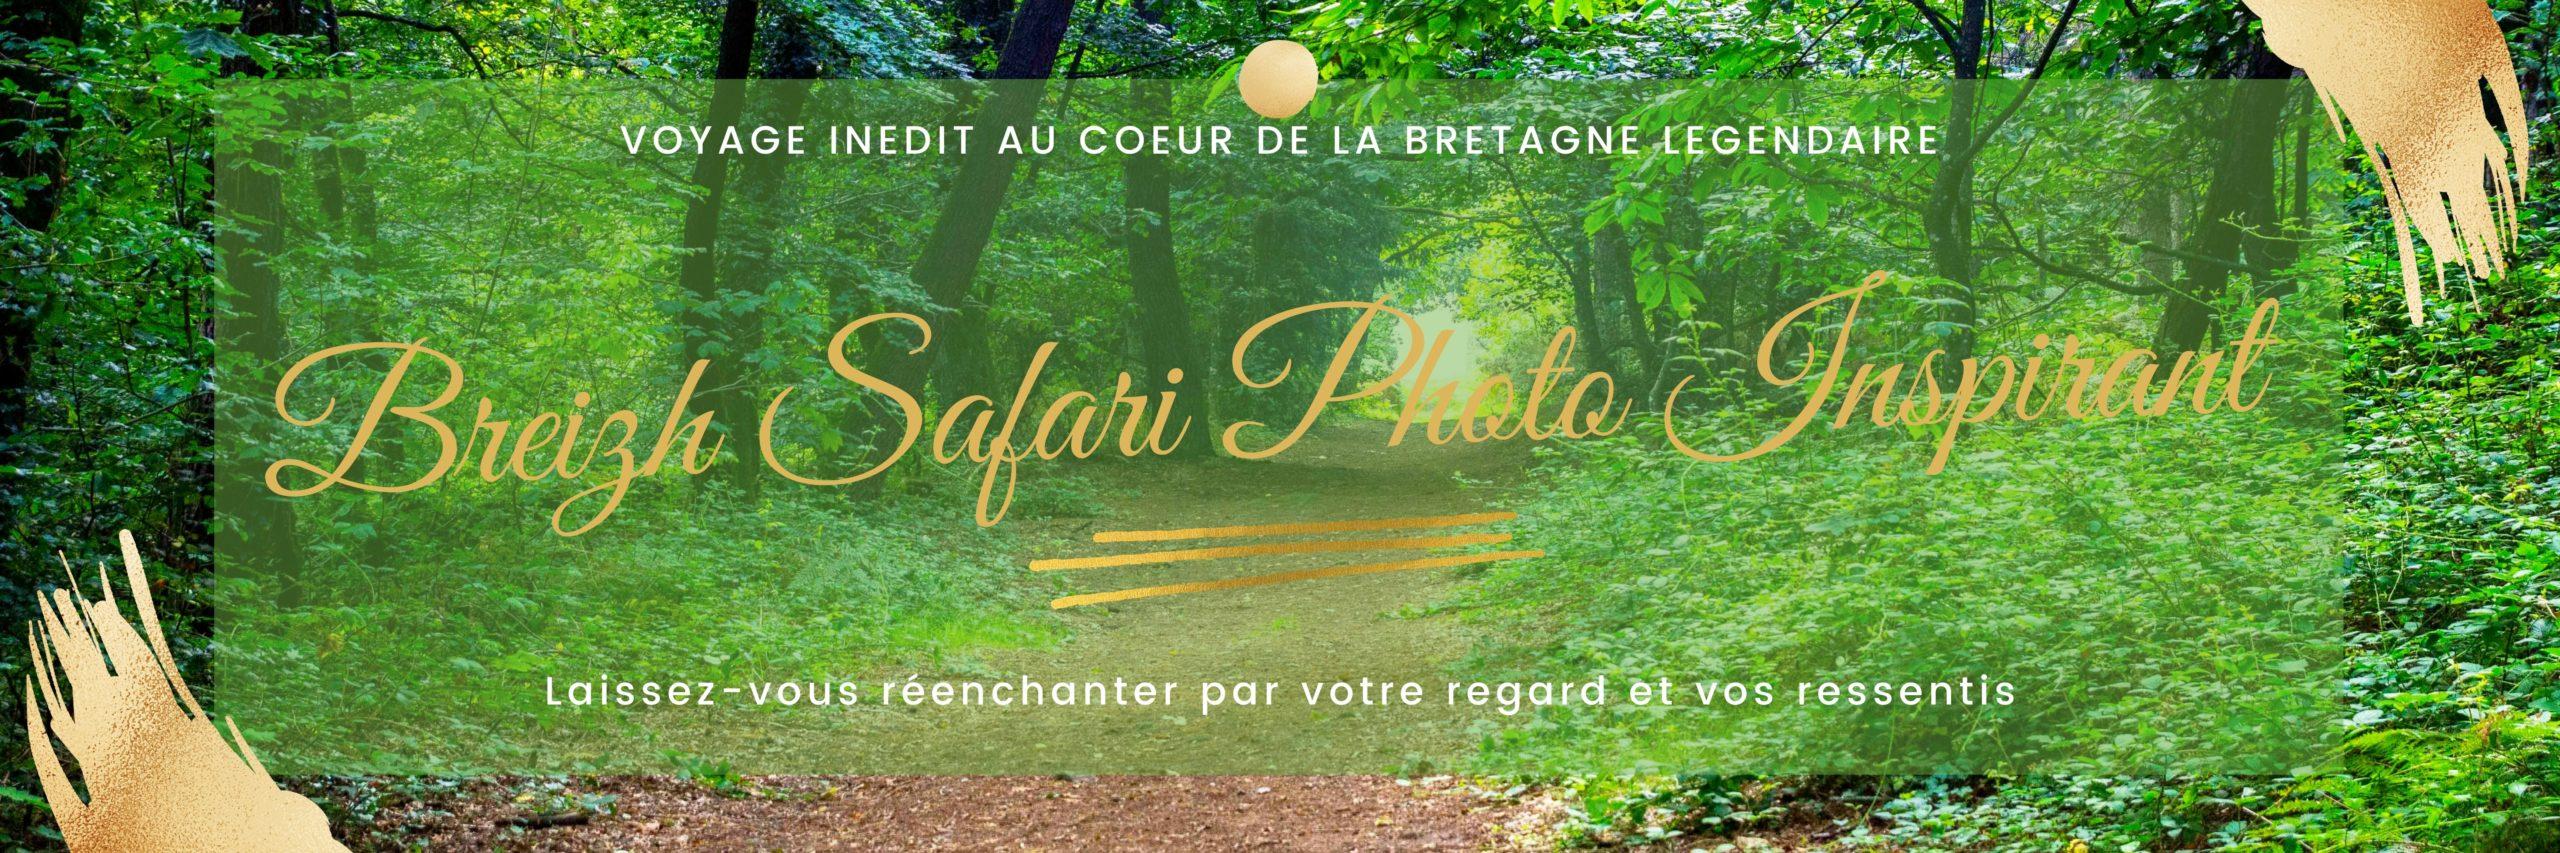 Breizh Safari Photo Inspirant bretagne morbihan, céline vincent, guy coste, bannière